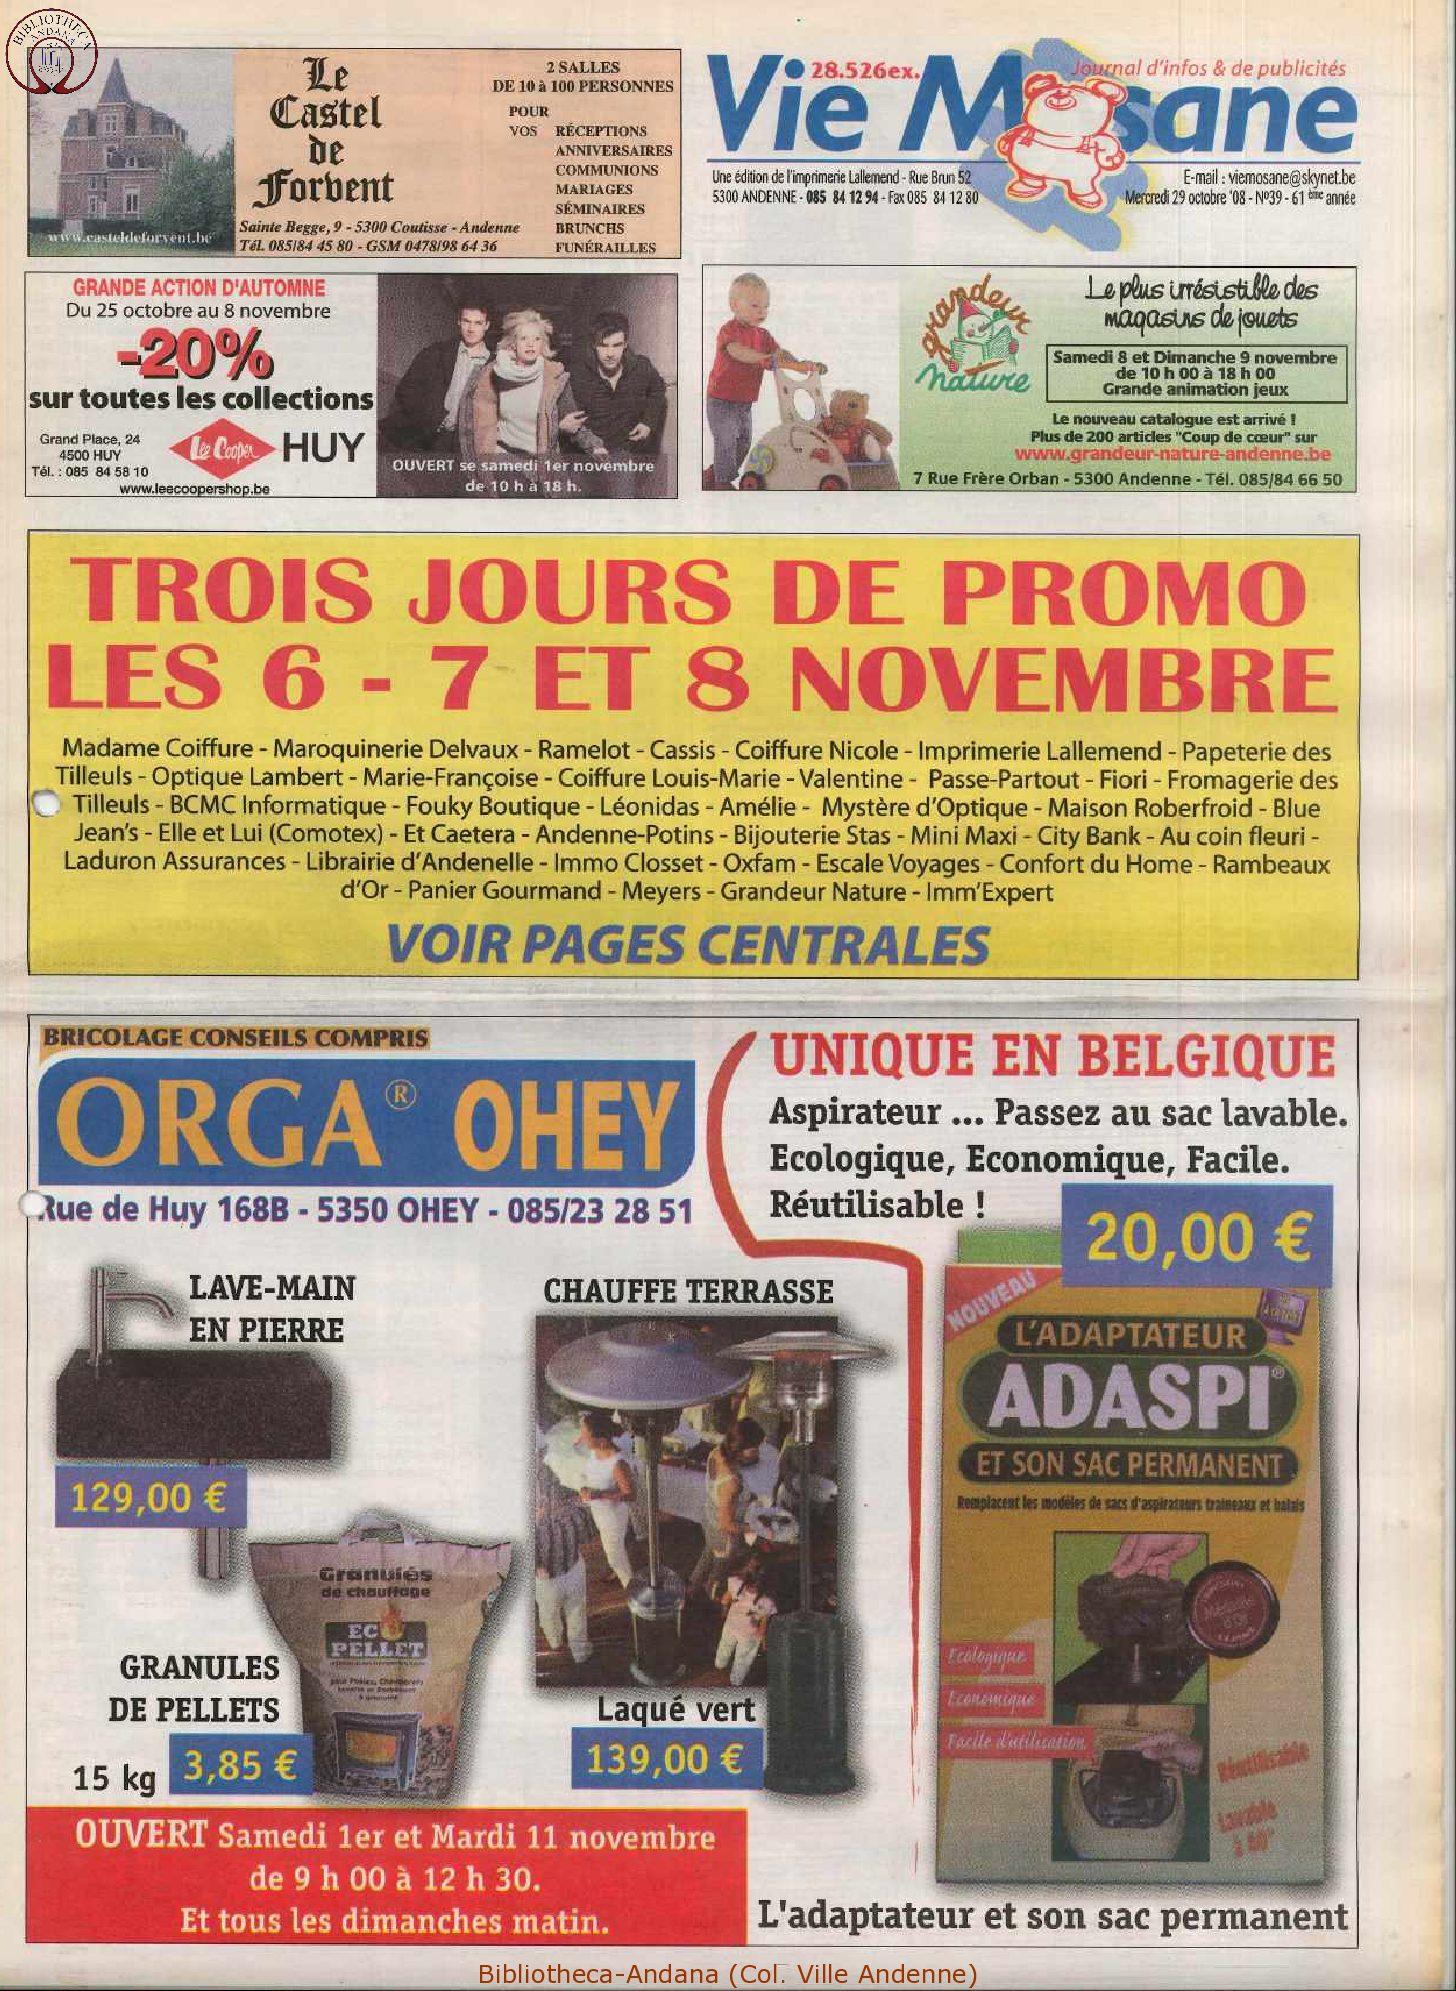 61e année - n°39 - 29 octobre 2008